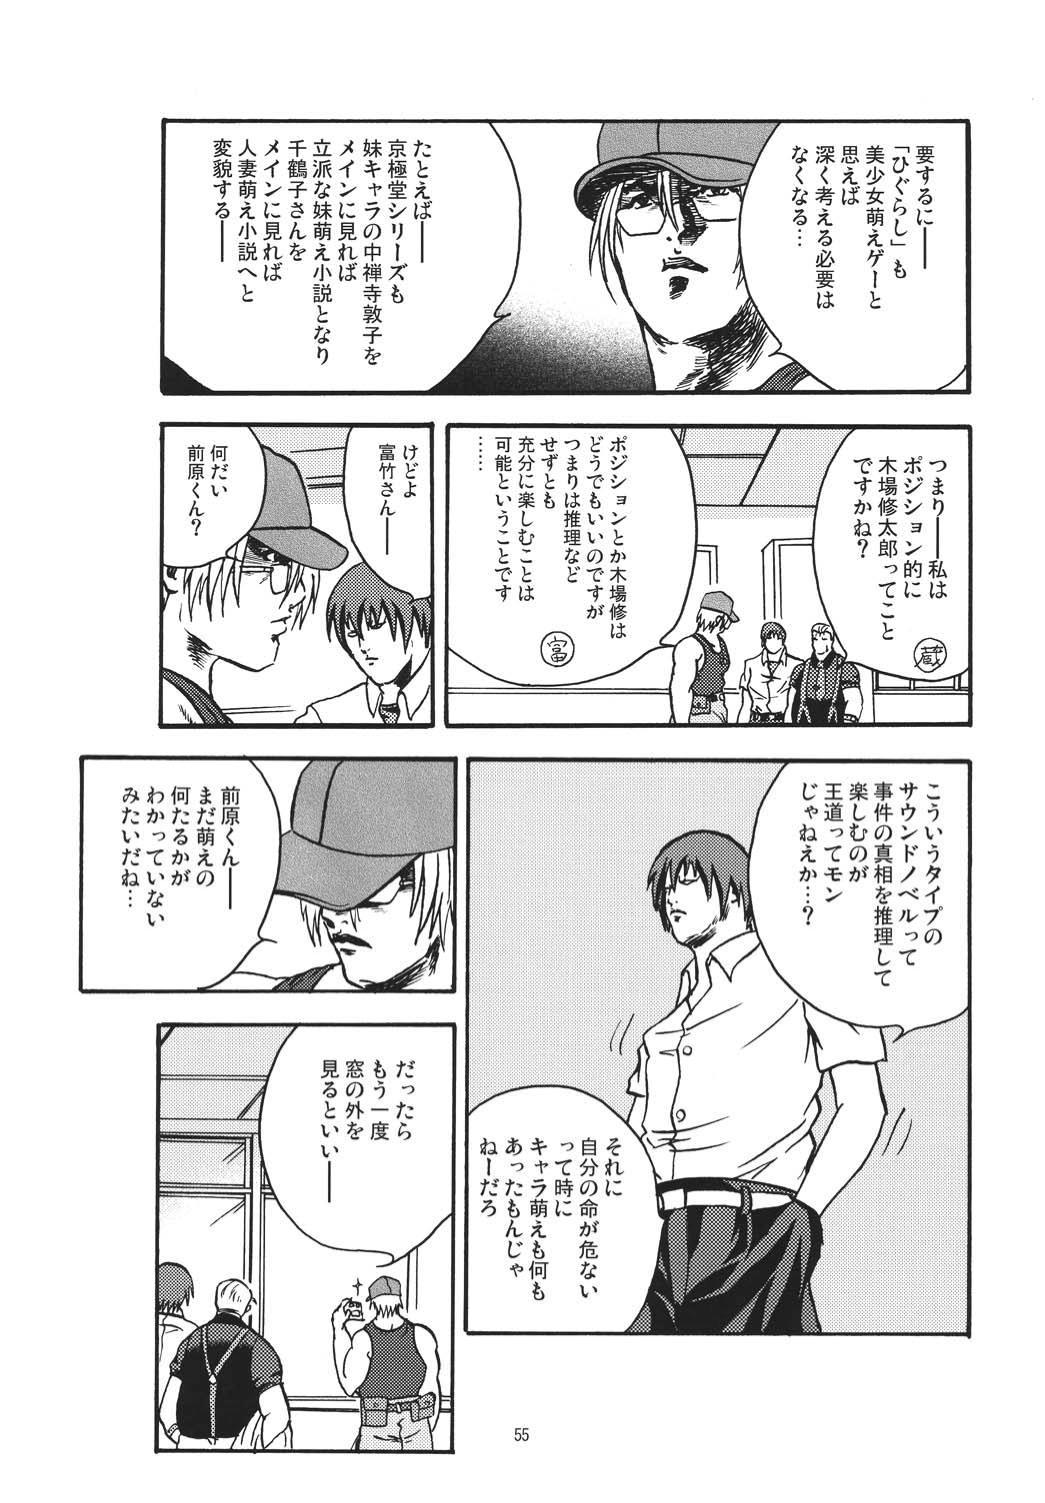 Miwaku 53